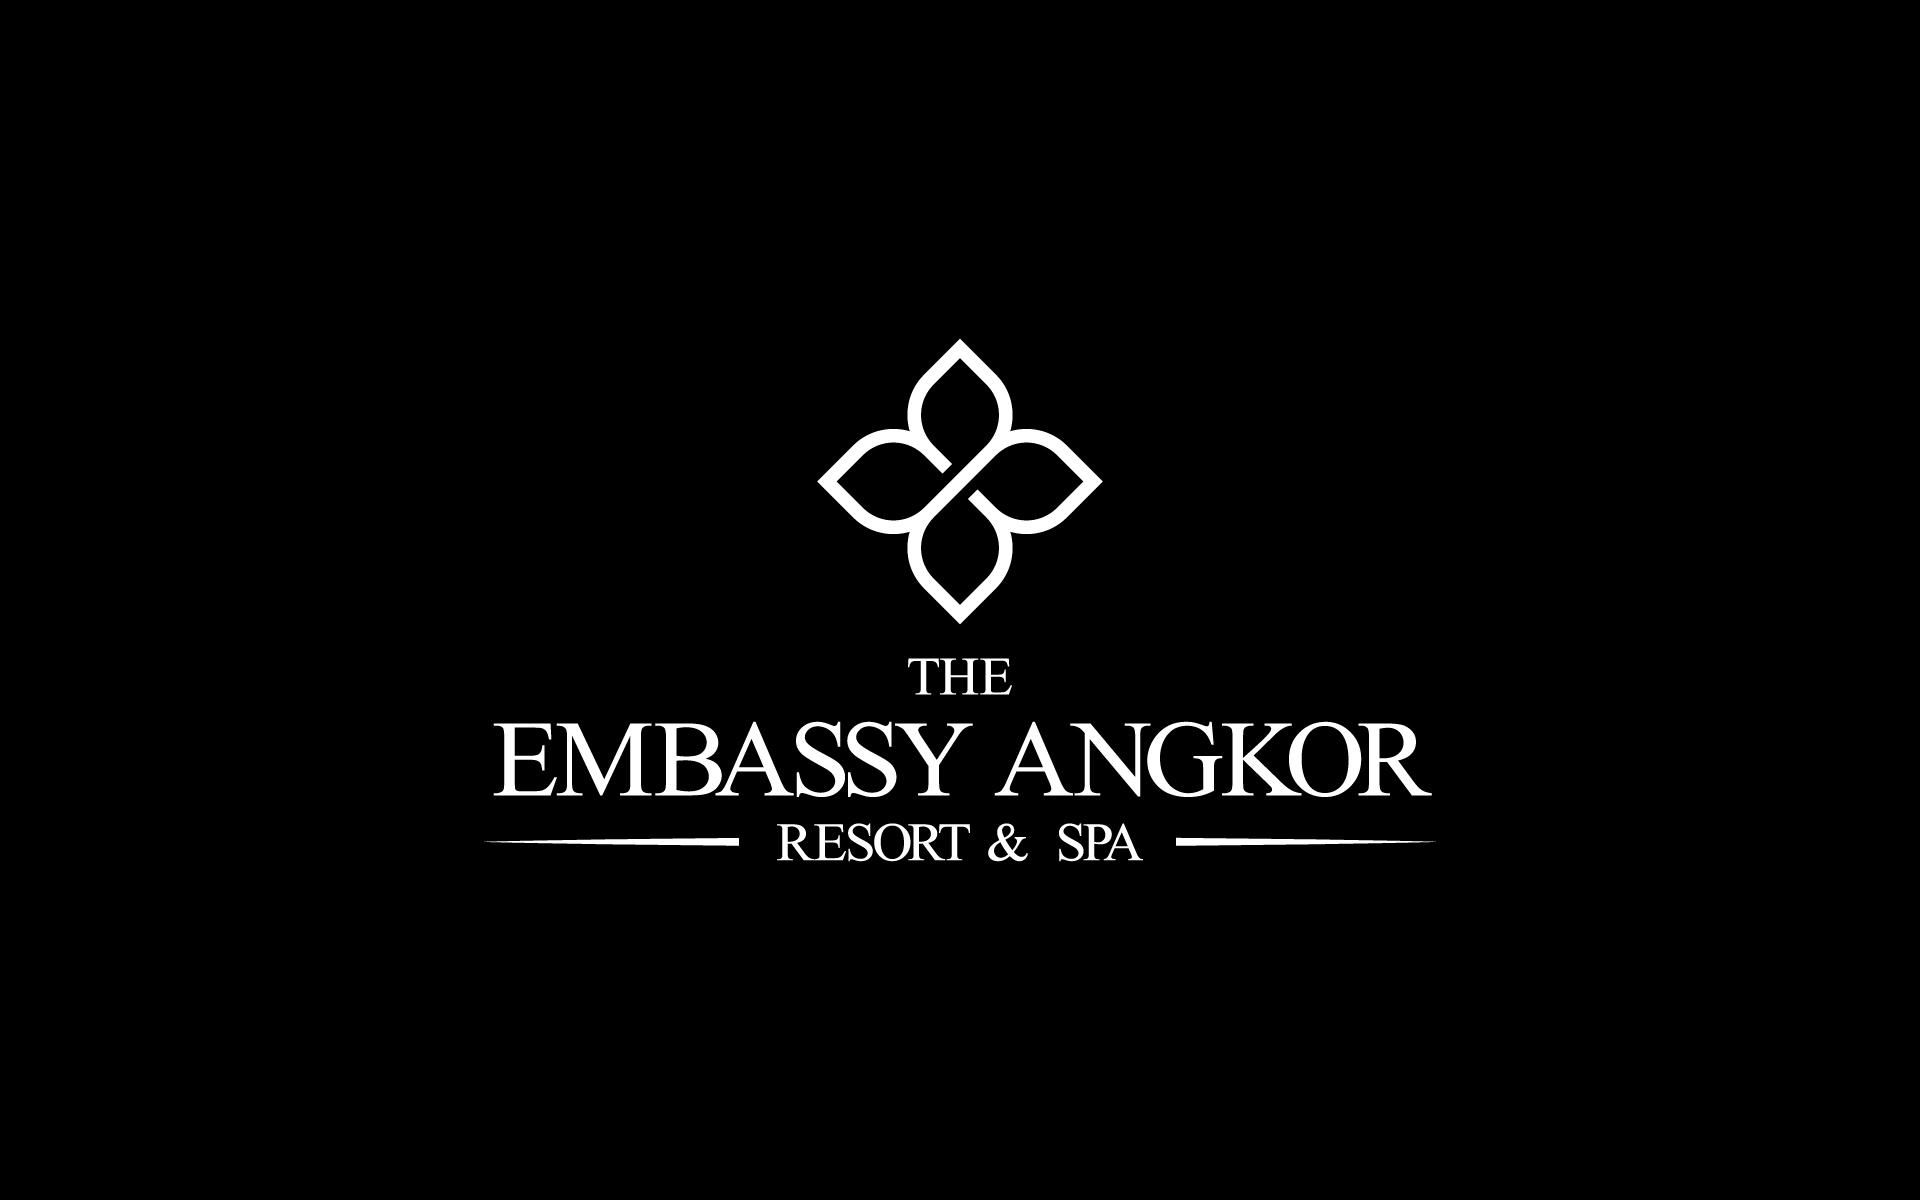 Logo-and-Brandmark-Designs-5.jpg